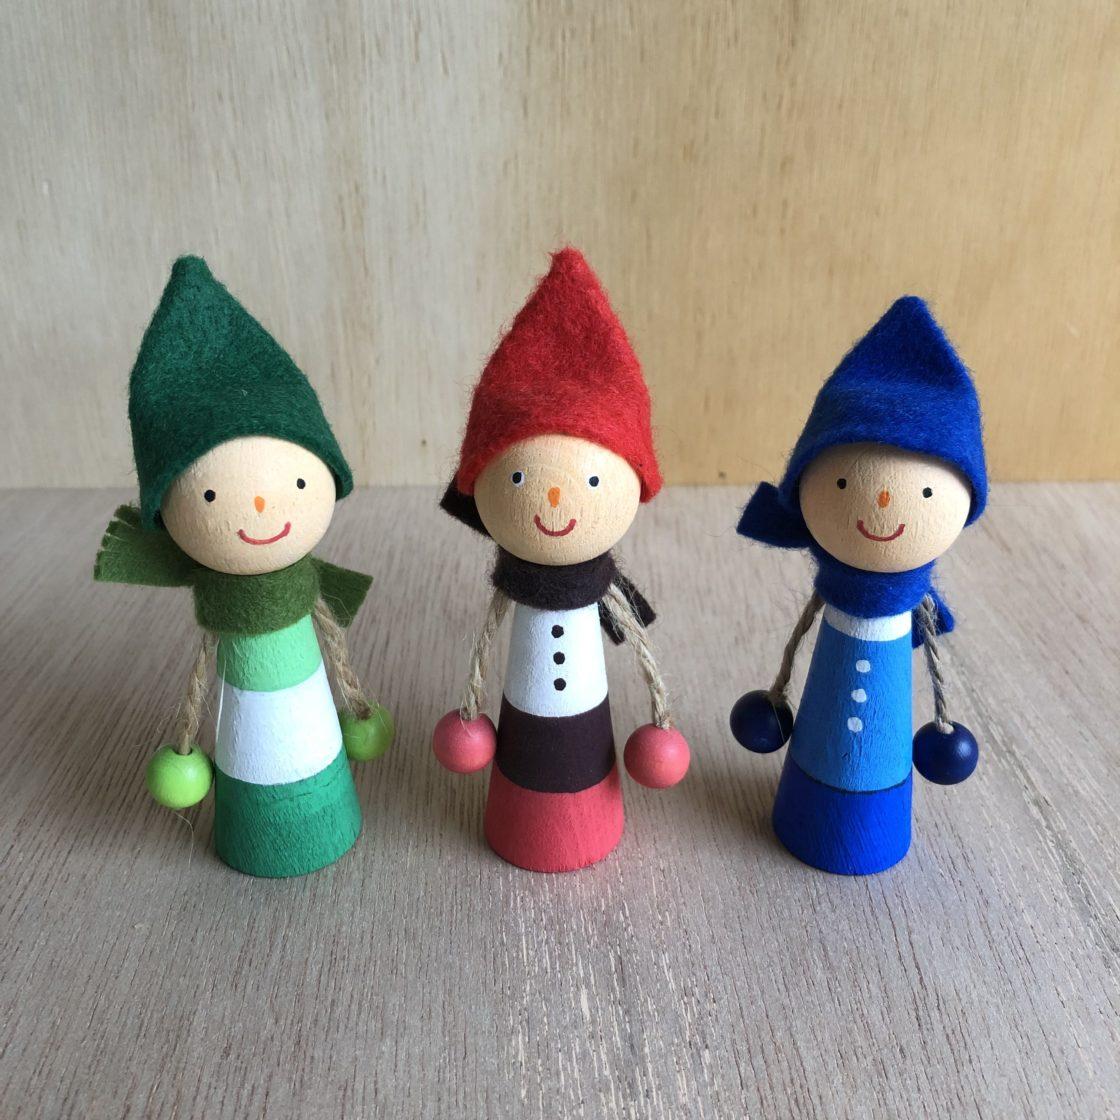 3匹のクマリョーシカ作り&森のこびとの指人形作り 2